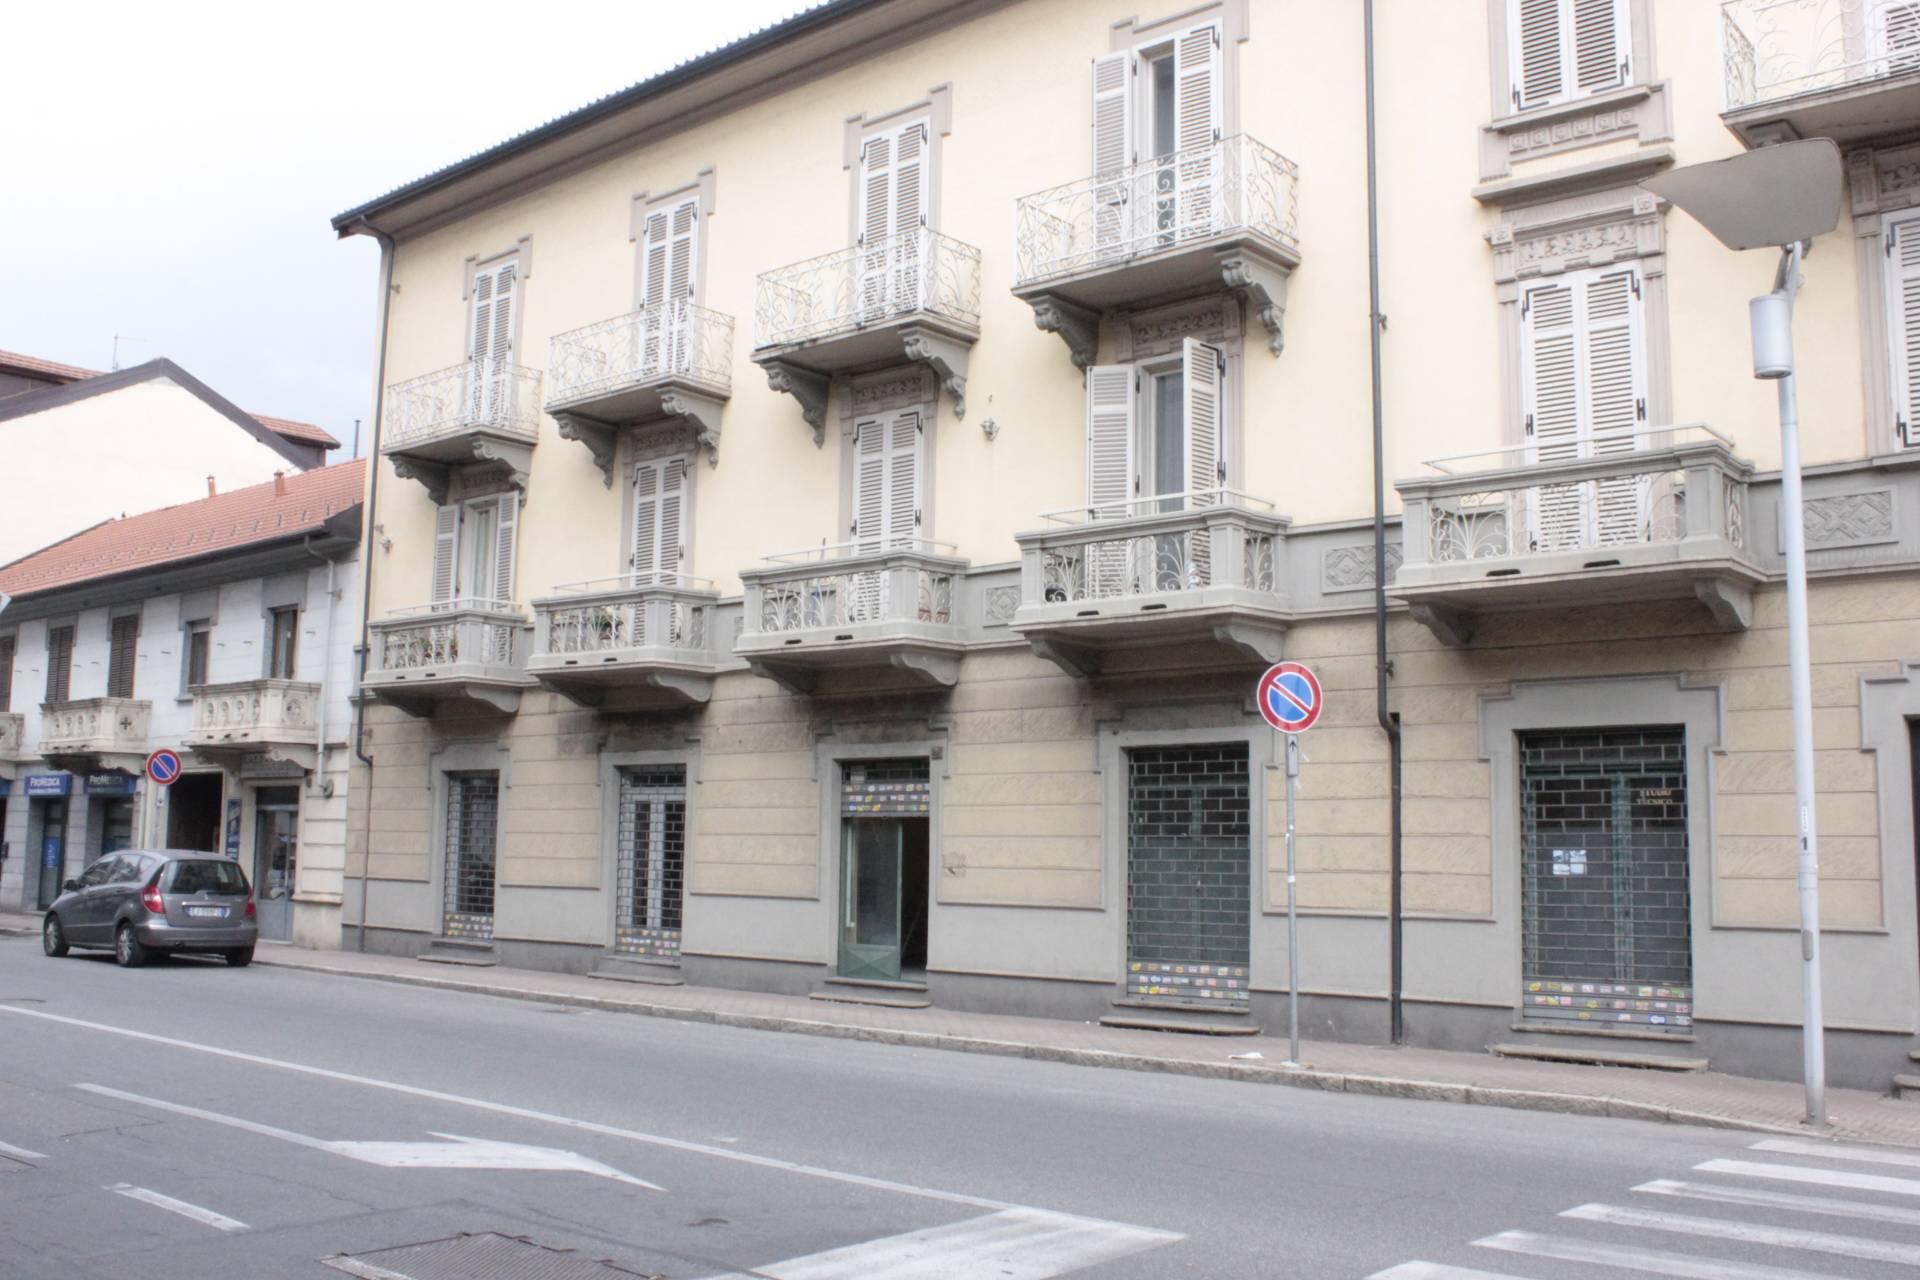 Negozio in affitto Via Torino Nichelino